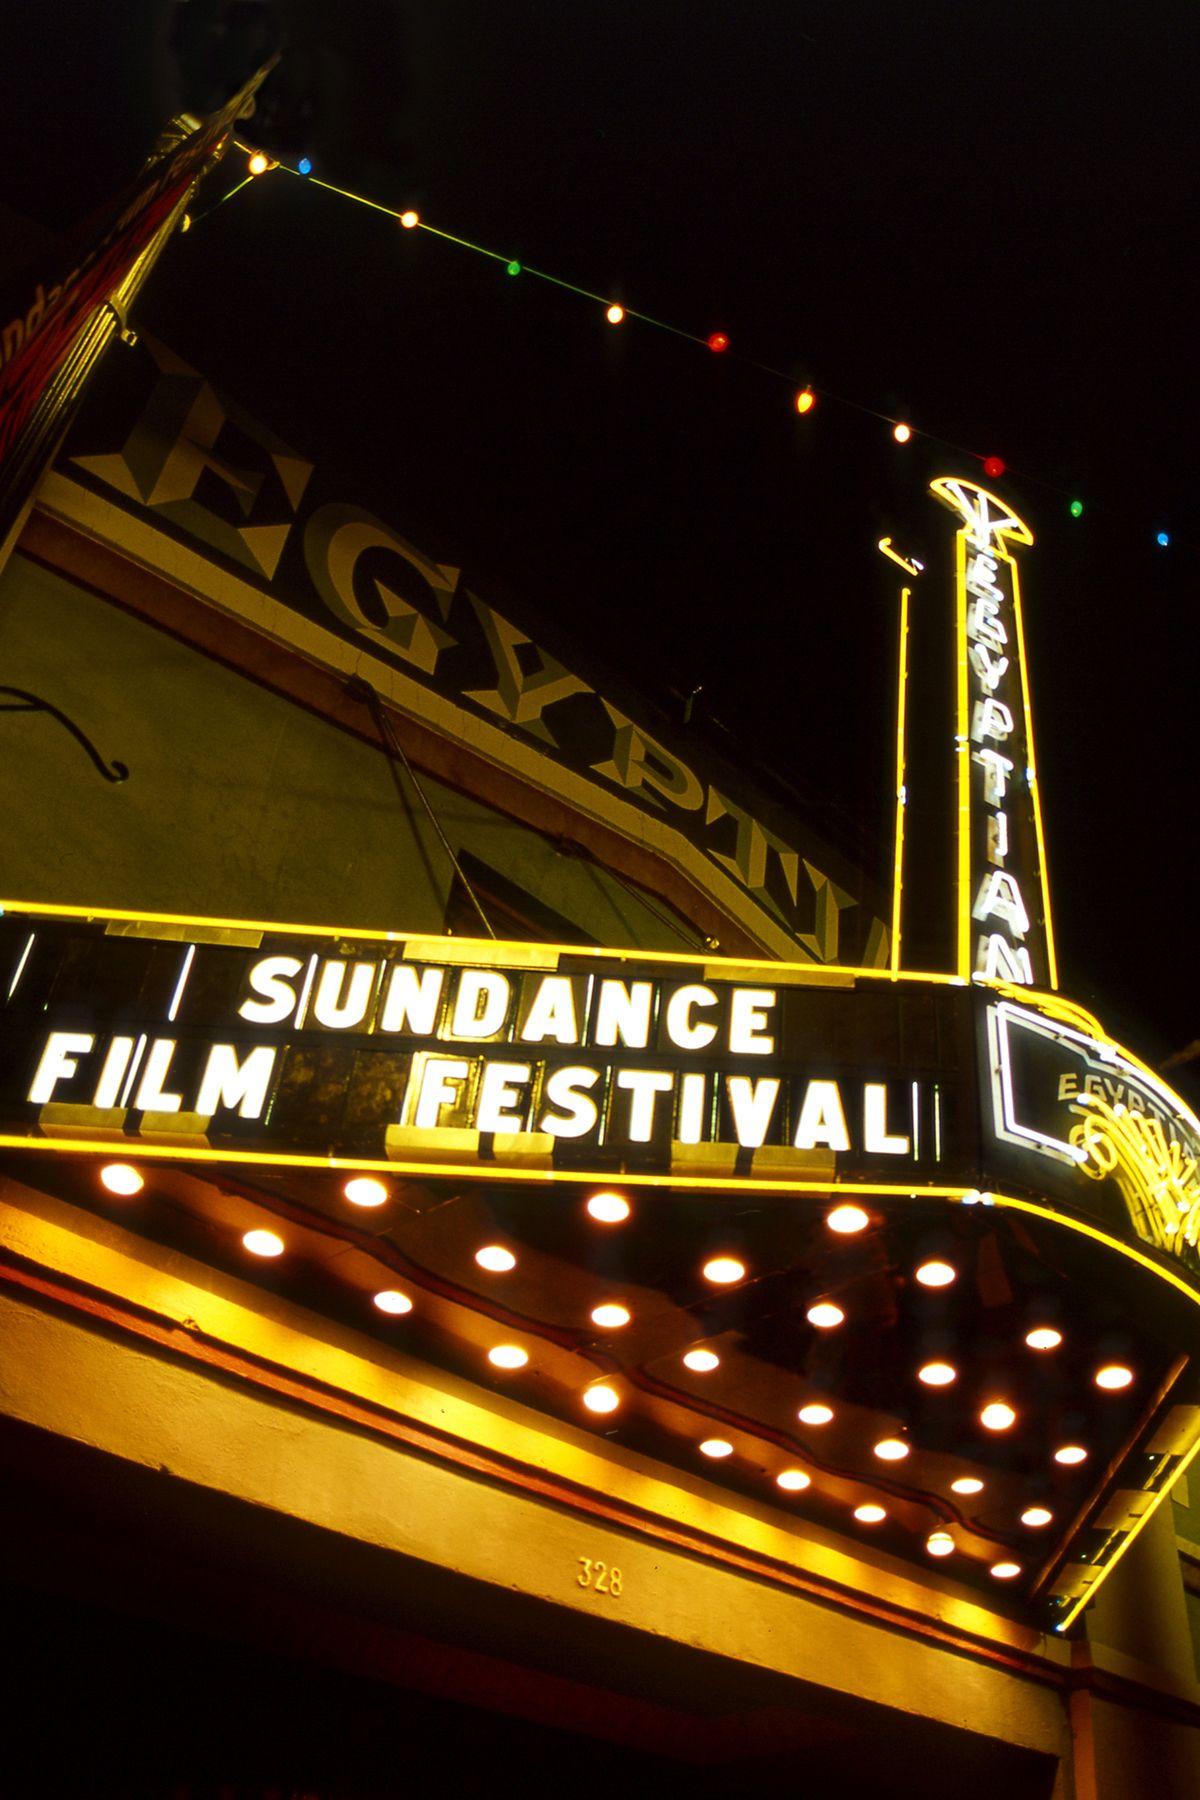 Sundance Film Festival.